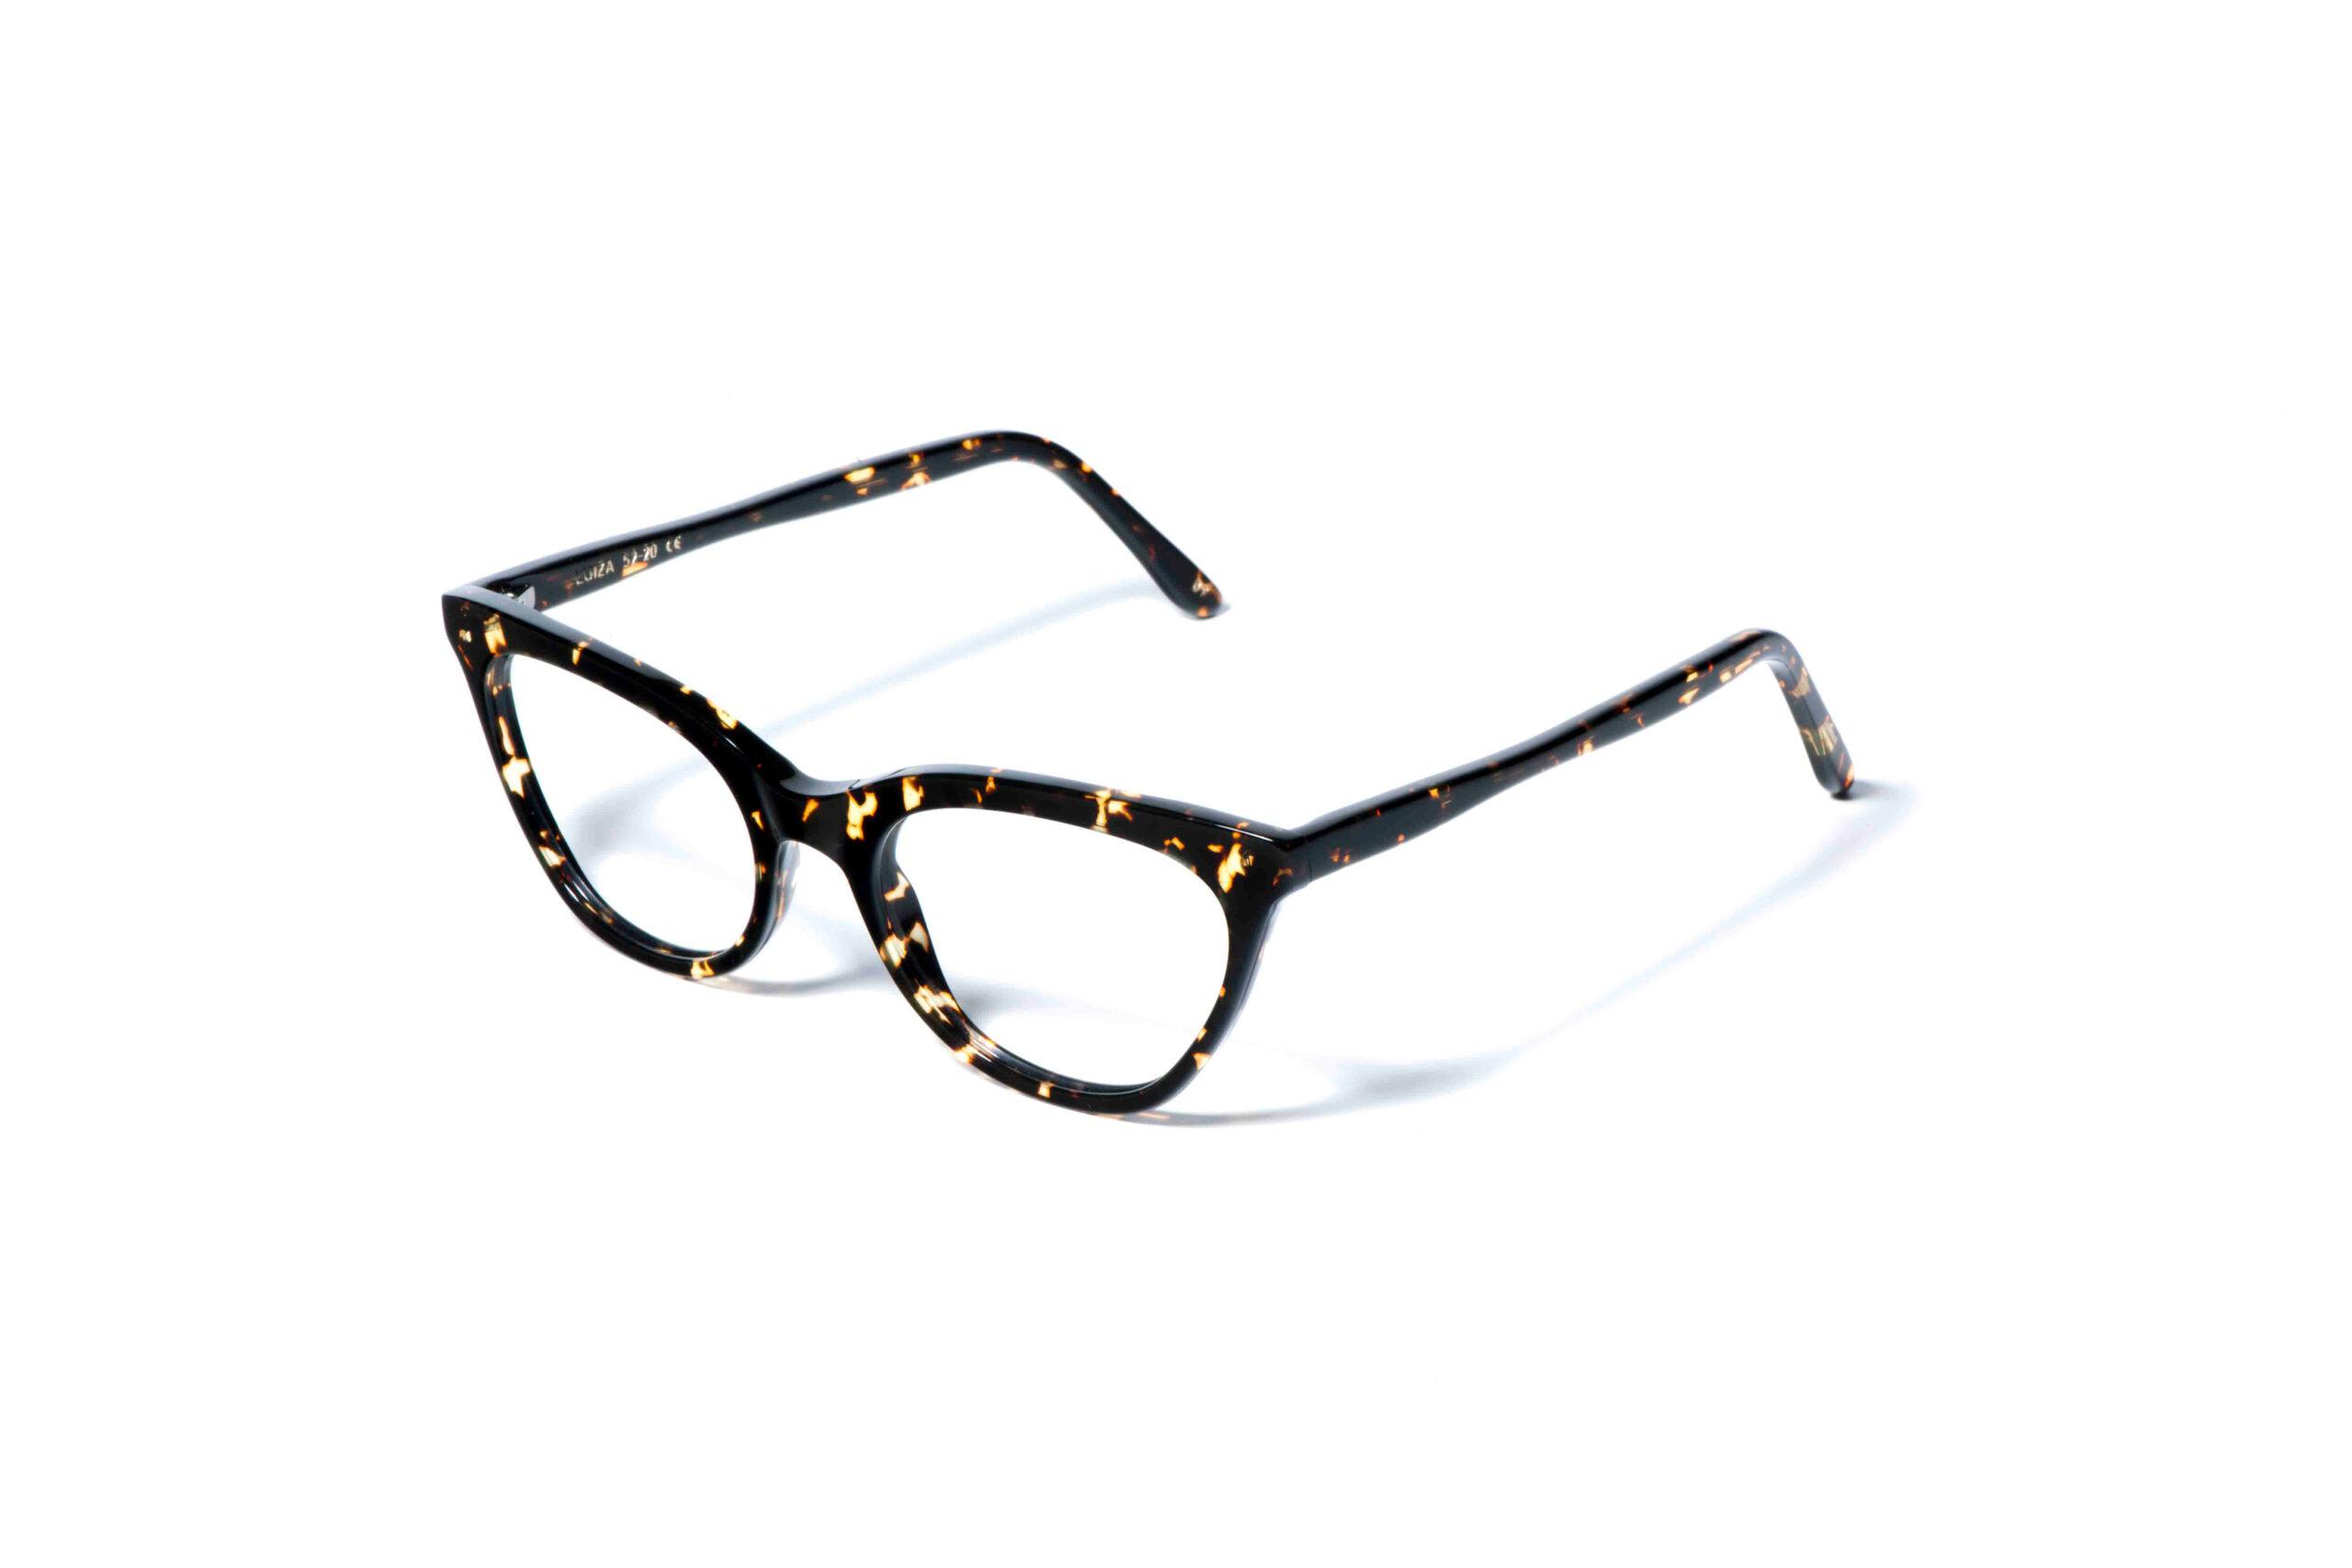 occhiale da vista lgr modello luiza colore havana scuro